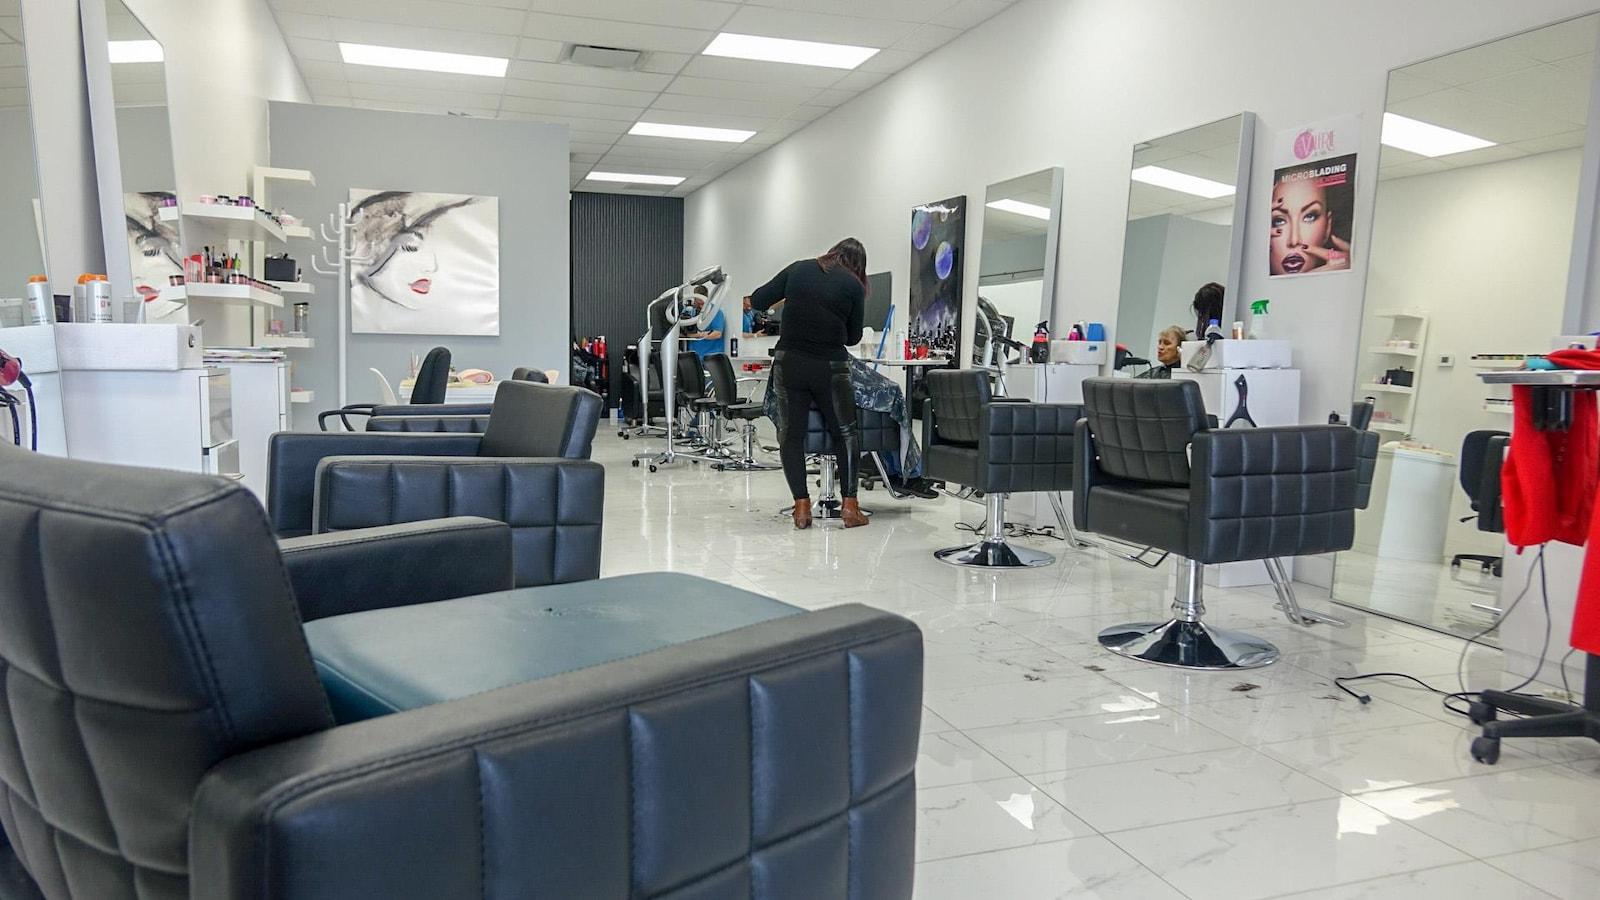 Le Salon De Coiffure Salon Valérie De Québec Ne Compte Que Trois Coiffeuses  Pour Une Dizaine